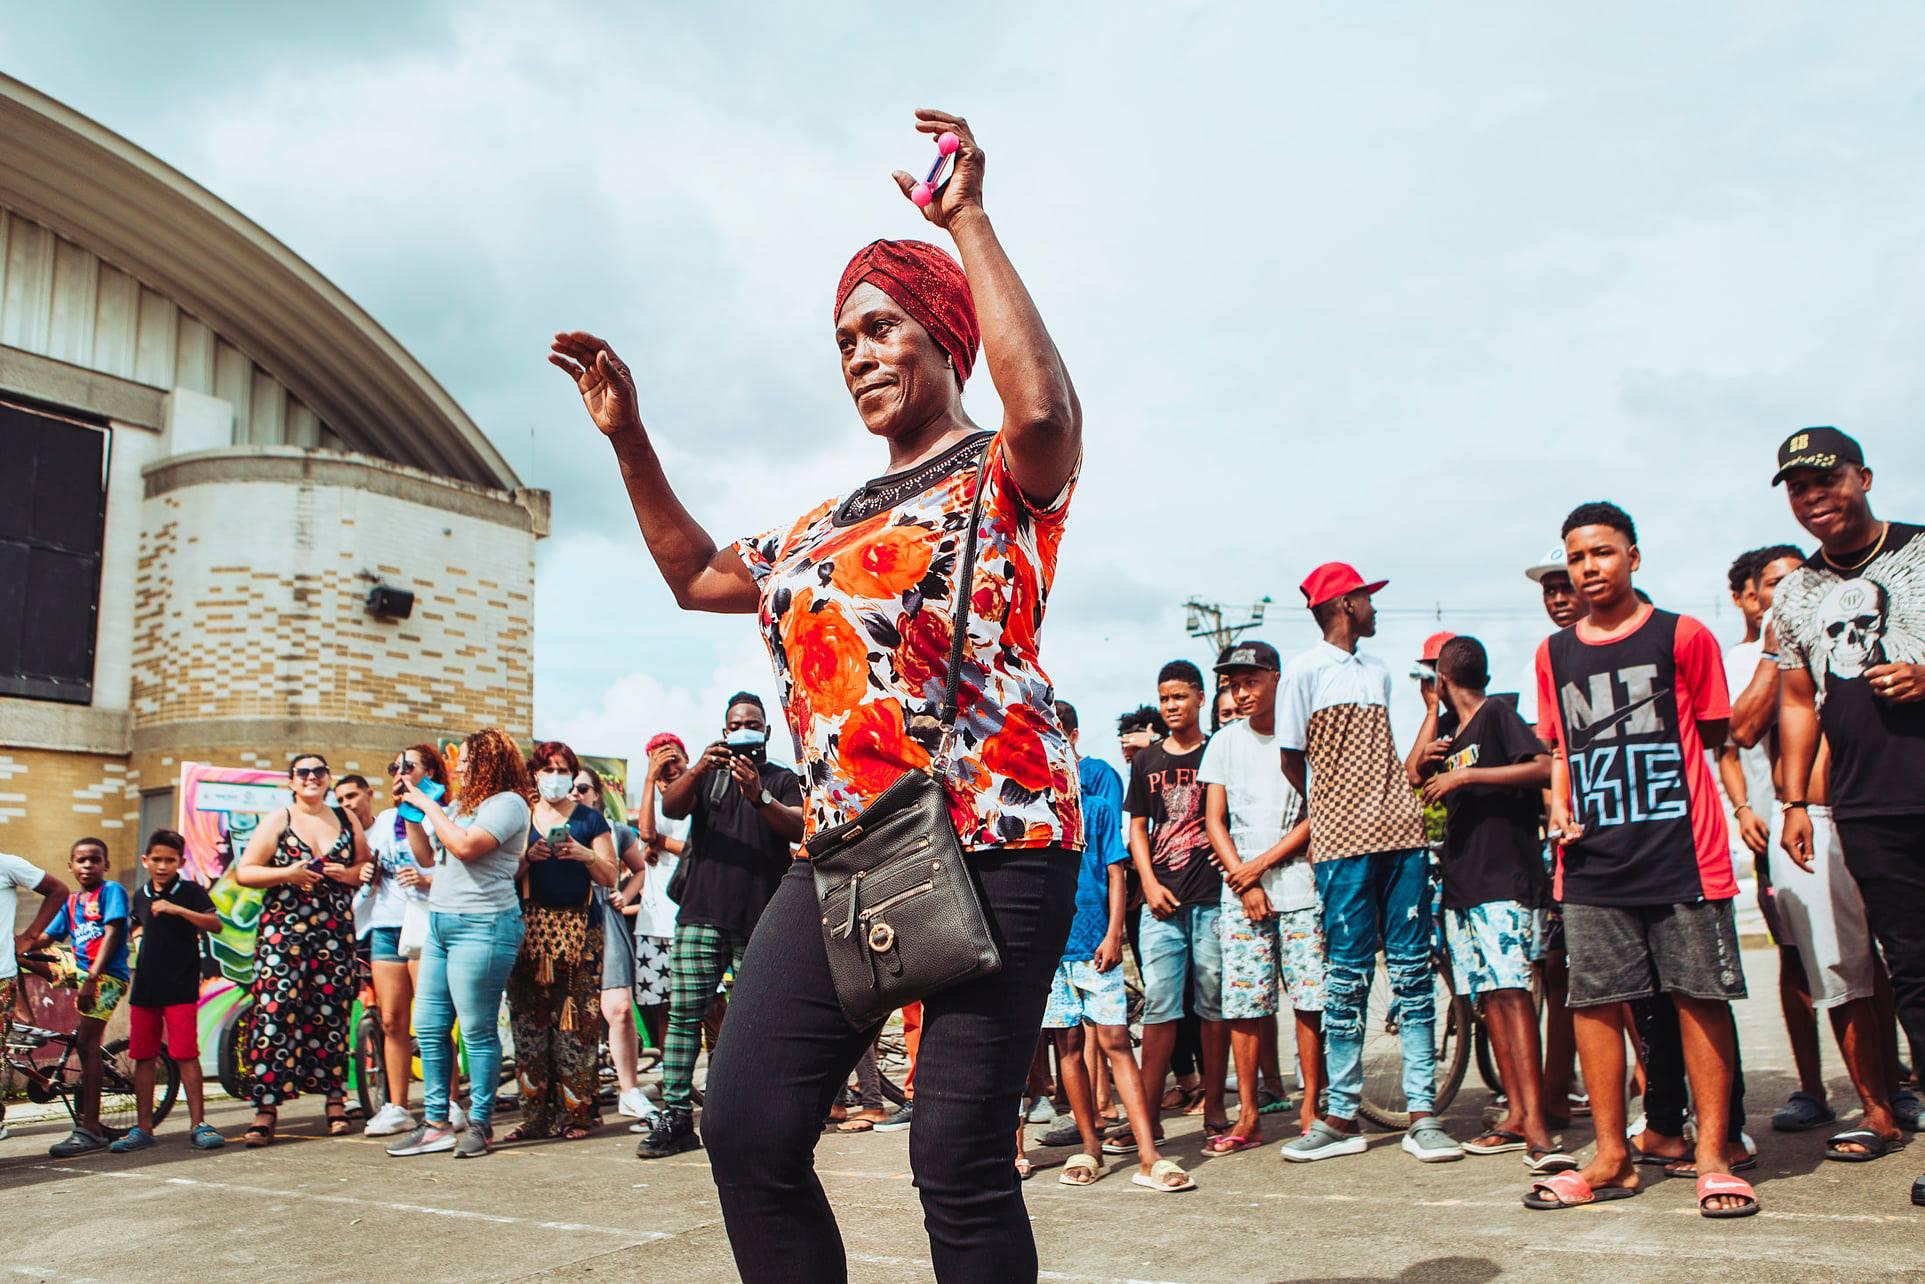 La cultura del picó: una batalla que se baila en Urabá